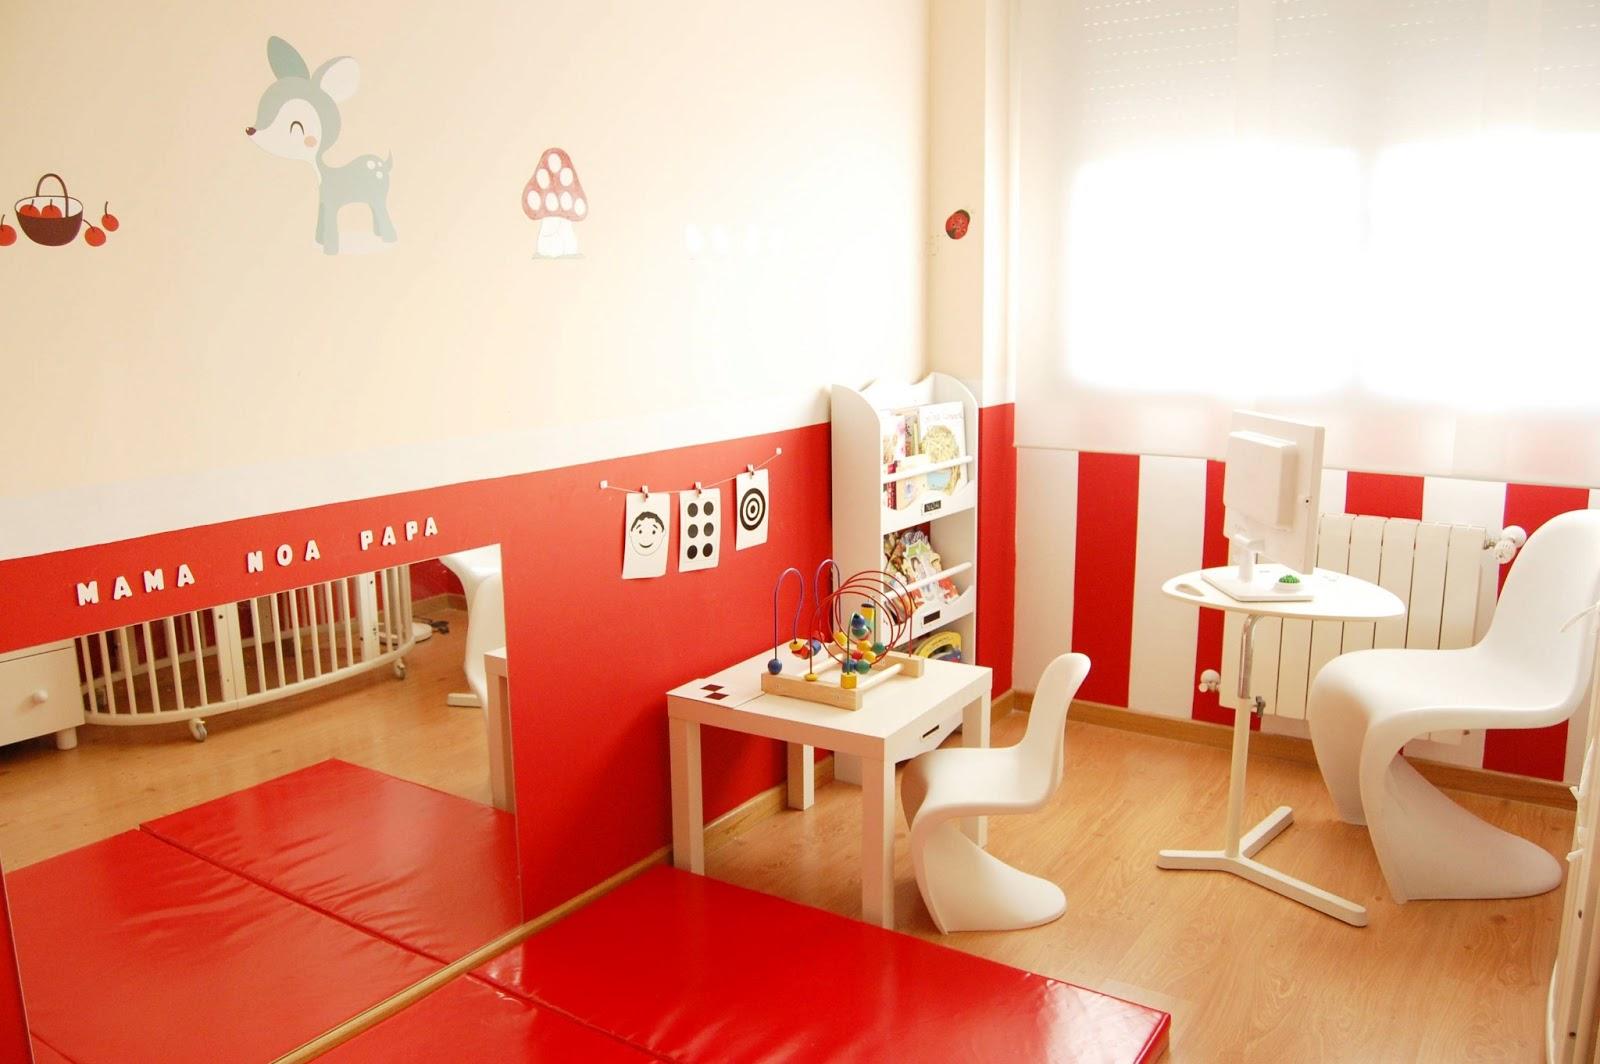 Mam de noa habitaci n de beb decorada en rojo - Habitaciones para ninos ikea ...